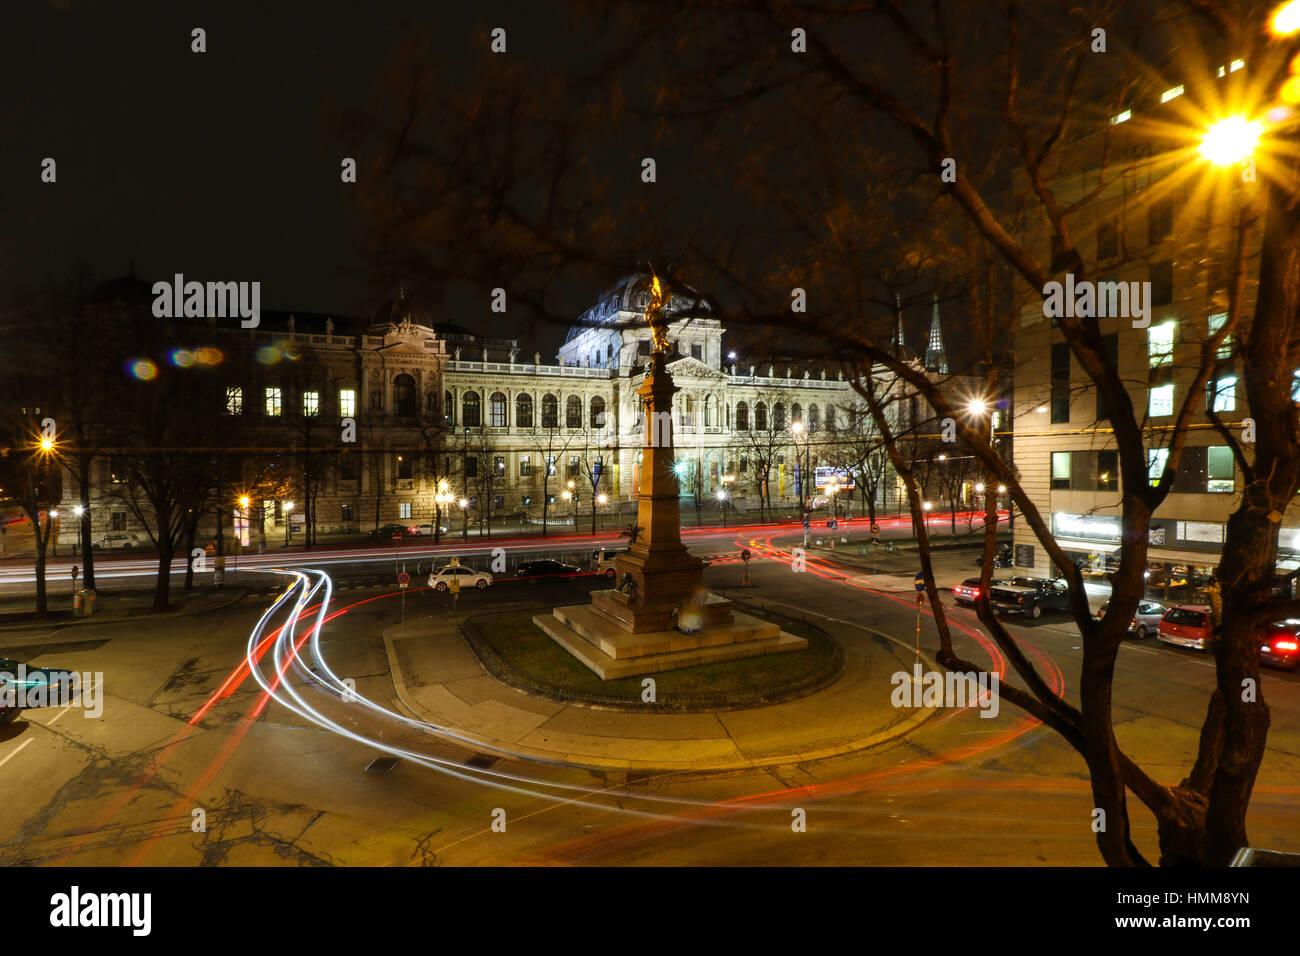 Universität Wien - University of Vienna - Stock Image